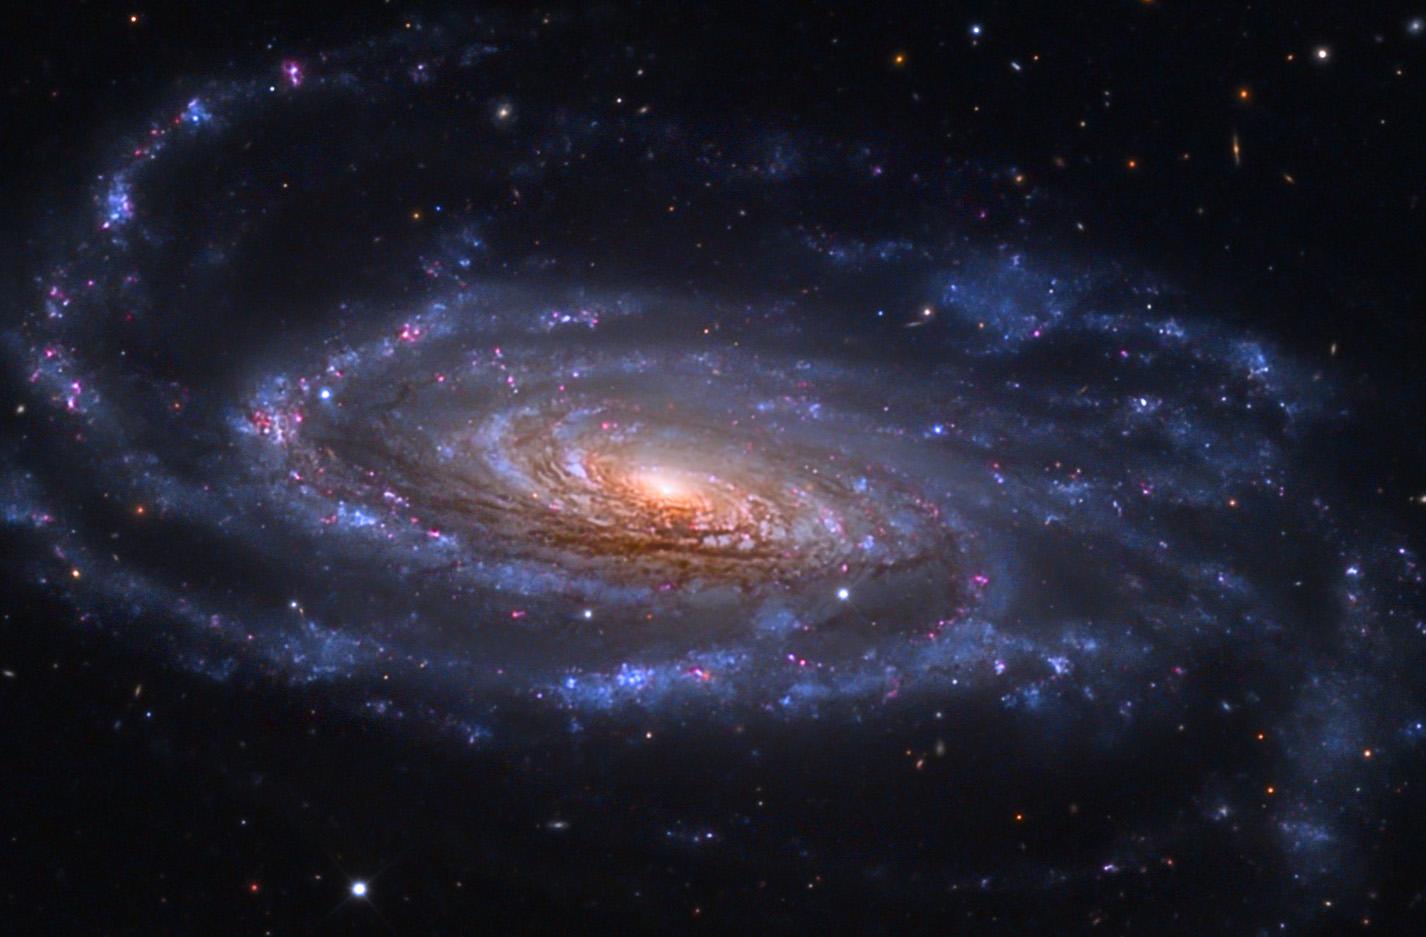 Теории и модели происхождения Вселенной Как почему откуда  Сегодня мы говорим об этой ну как ее Вселенной Так уж получилось что однажды она откуда то появилась и вот все мы здесь Кто то читает эту статью